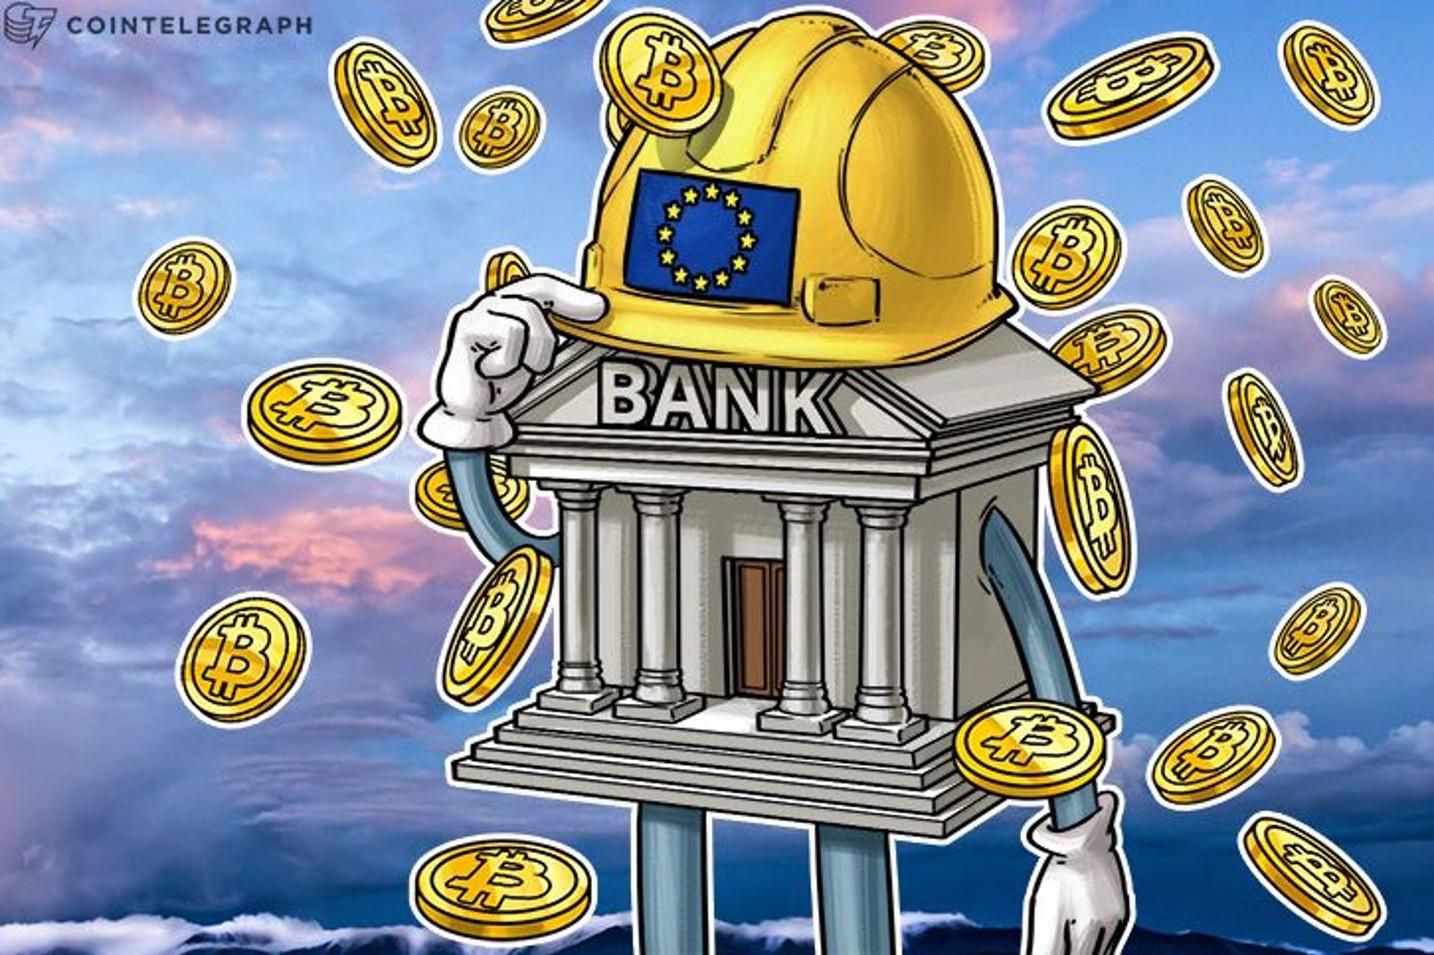 ECBがビットコインやイーサリアムなど4種類を注視|「利用や時価総額、ビジネスモデルの多様性重要」